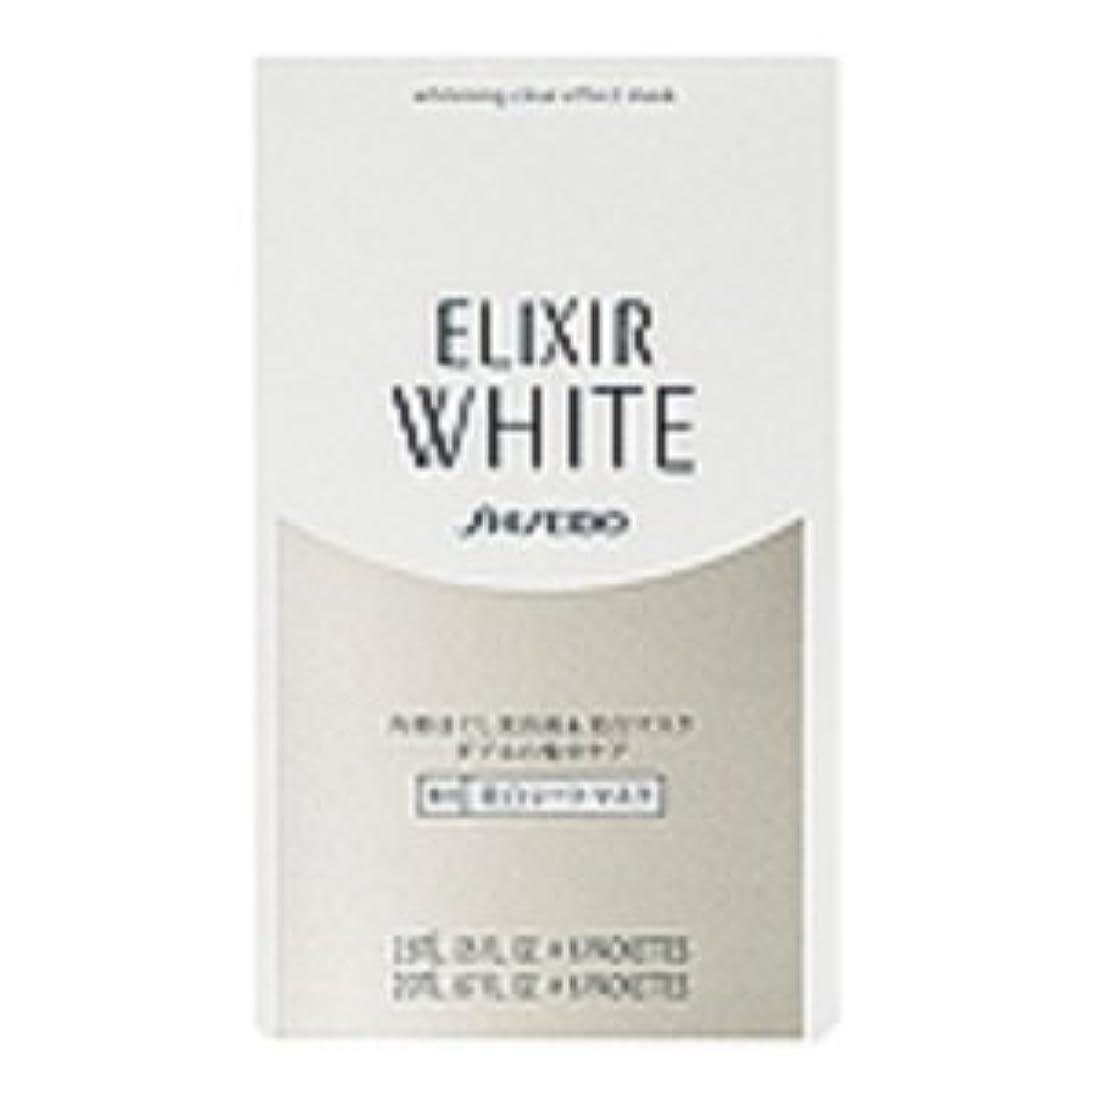 スマートゲージ決定する資生堂 エリクシール ホワイト クリアエフェクトマスク 6セット入 アウトレット